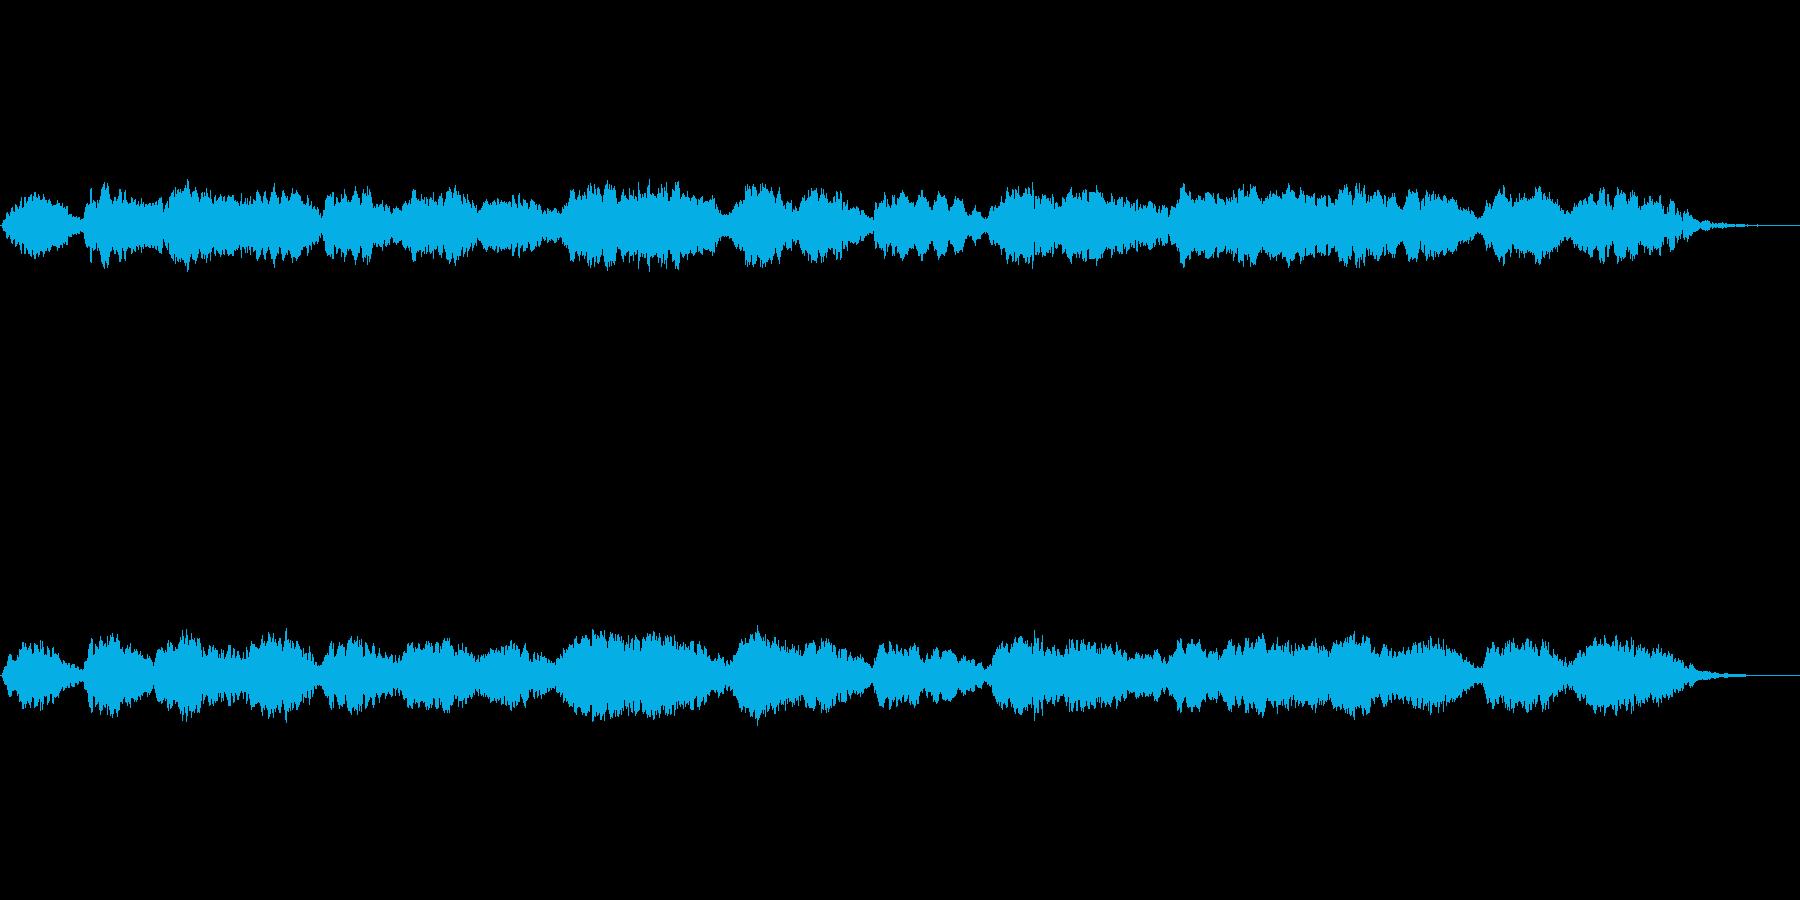 オリジナルのBGMドキュメンタリー風の再生済みの波形